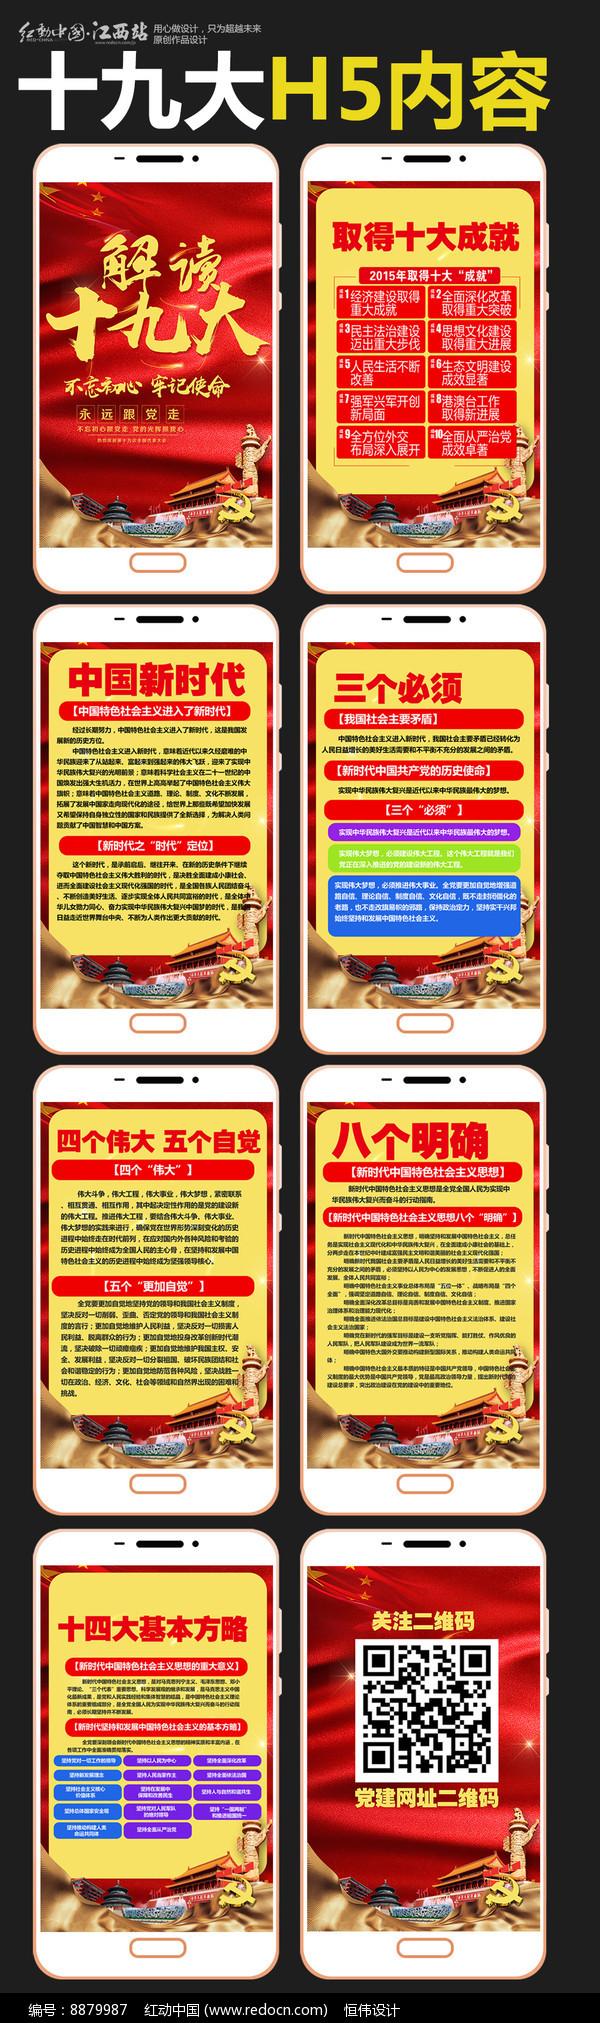 党的十九大H5手机端广告图片